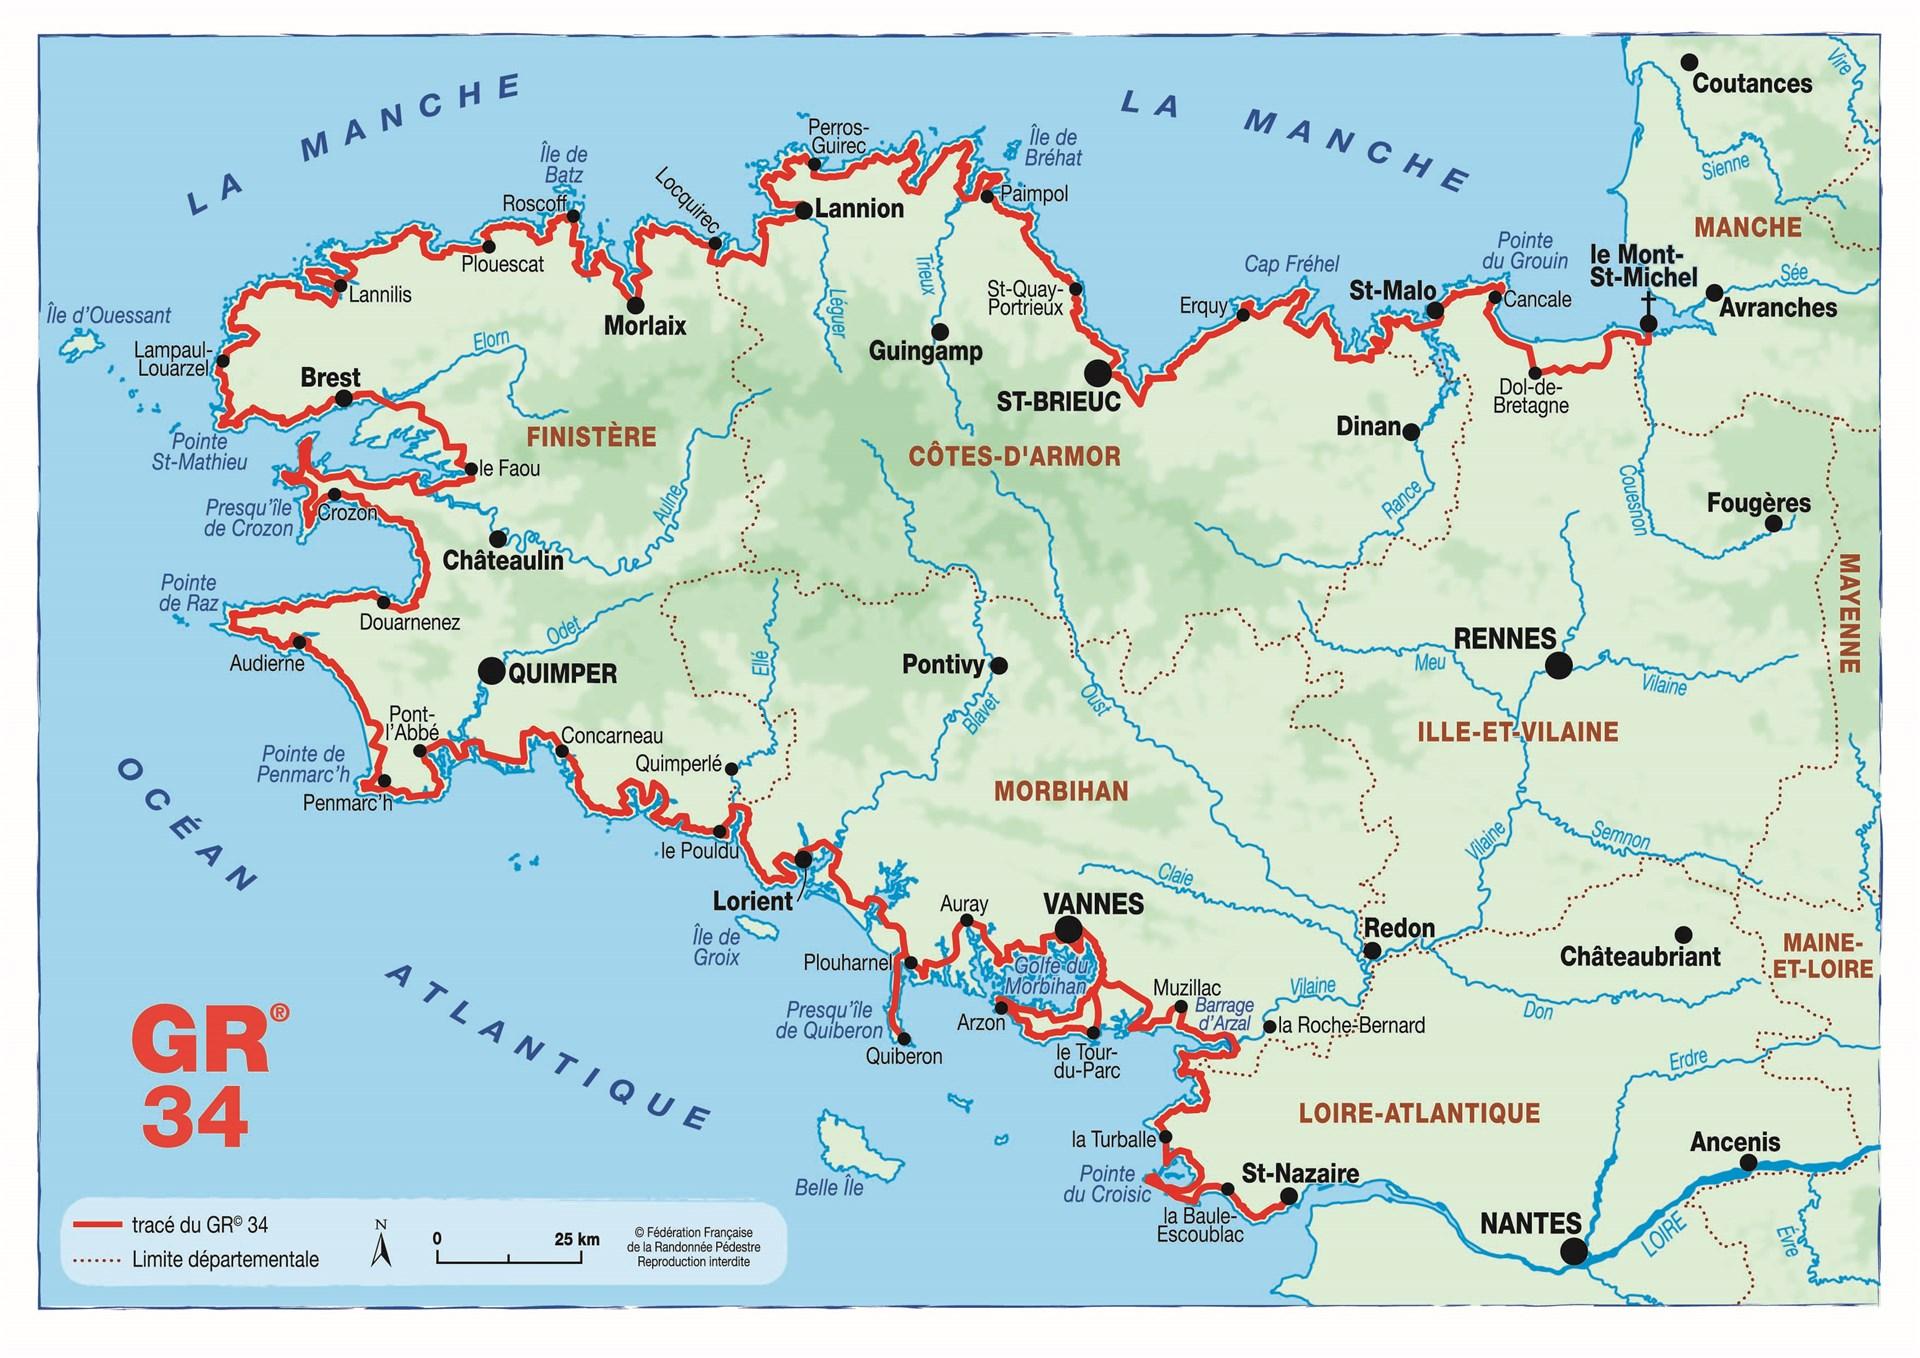 Une succession de cartes postales - Randonnée en Bretagne avec FFRandonnée Bretagne